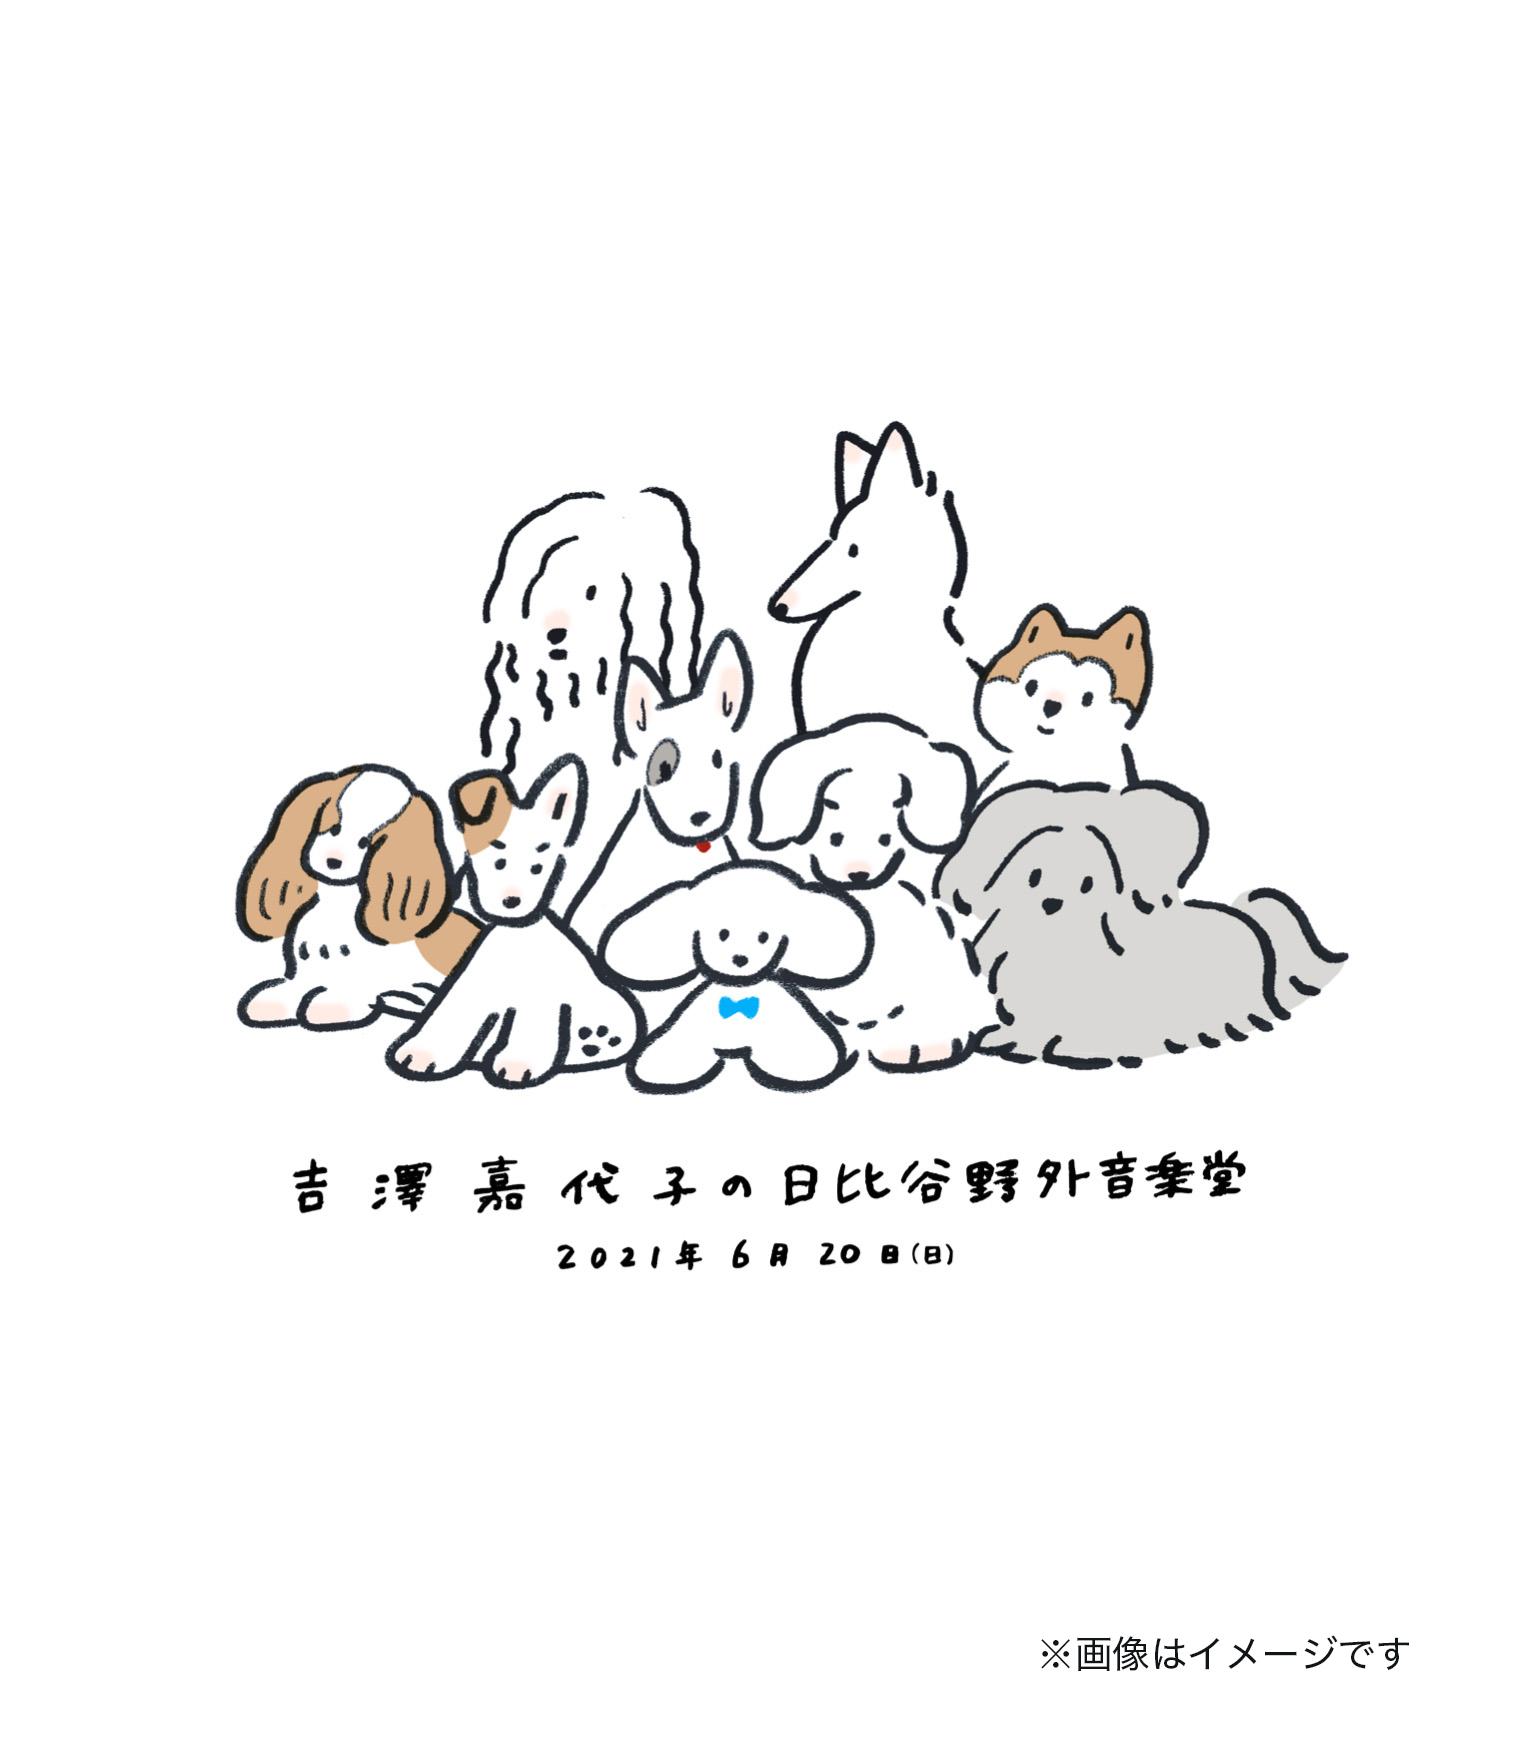 吉澤嘉代子 Blu-rayキービジュアル